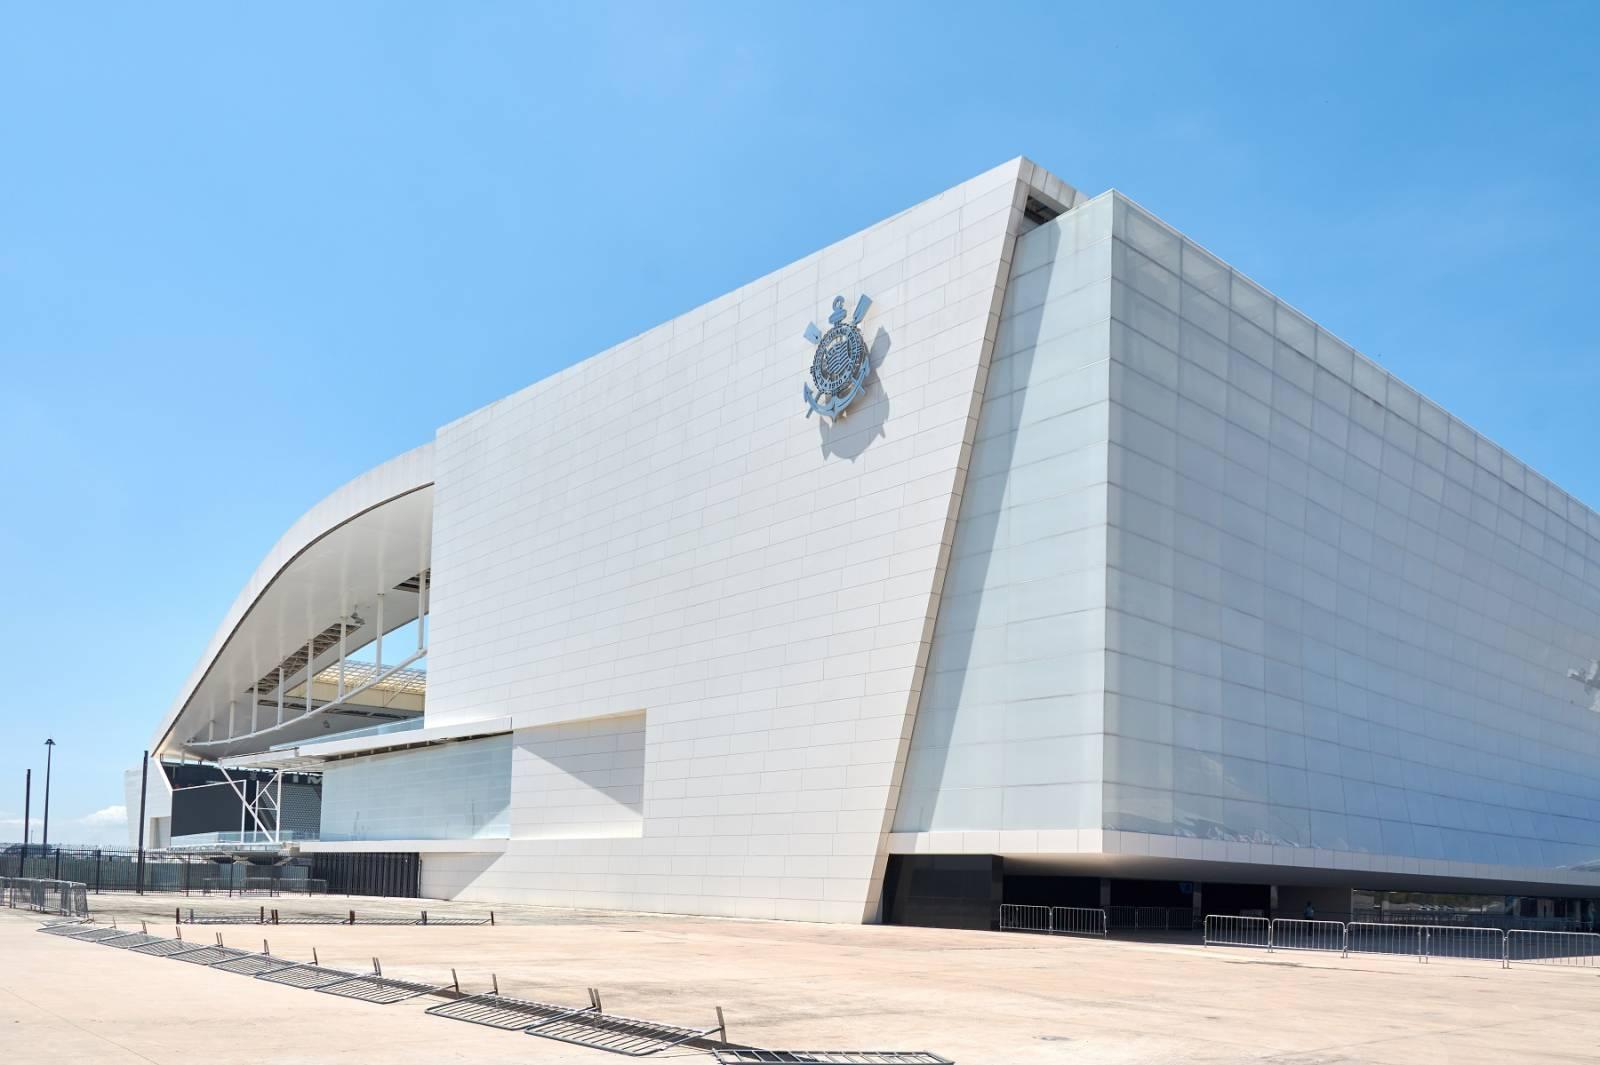 Painel Fotográfico Arena Corinthians | M² imagem 1